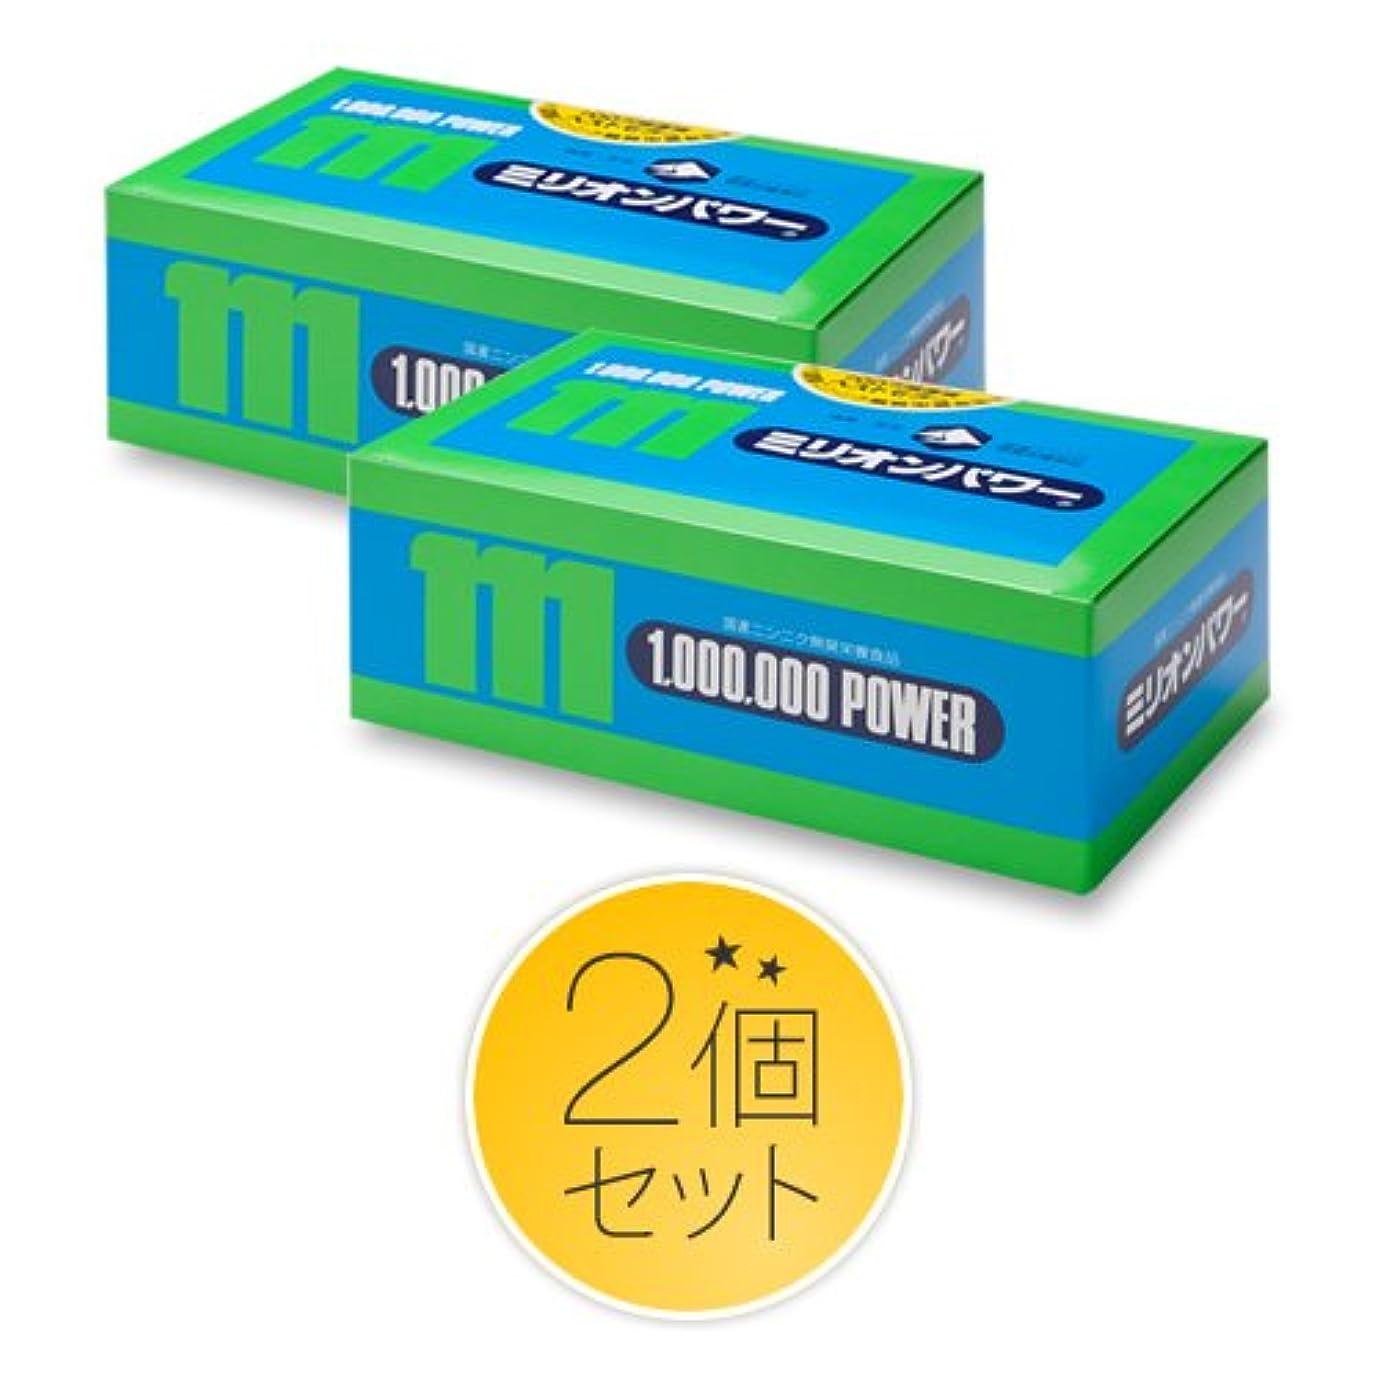 仕方明確に旅客ミリオンパワー2箱セット【期間限定】EPA高配合 さらさら青魚プレゼント